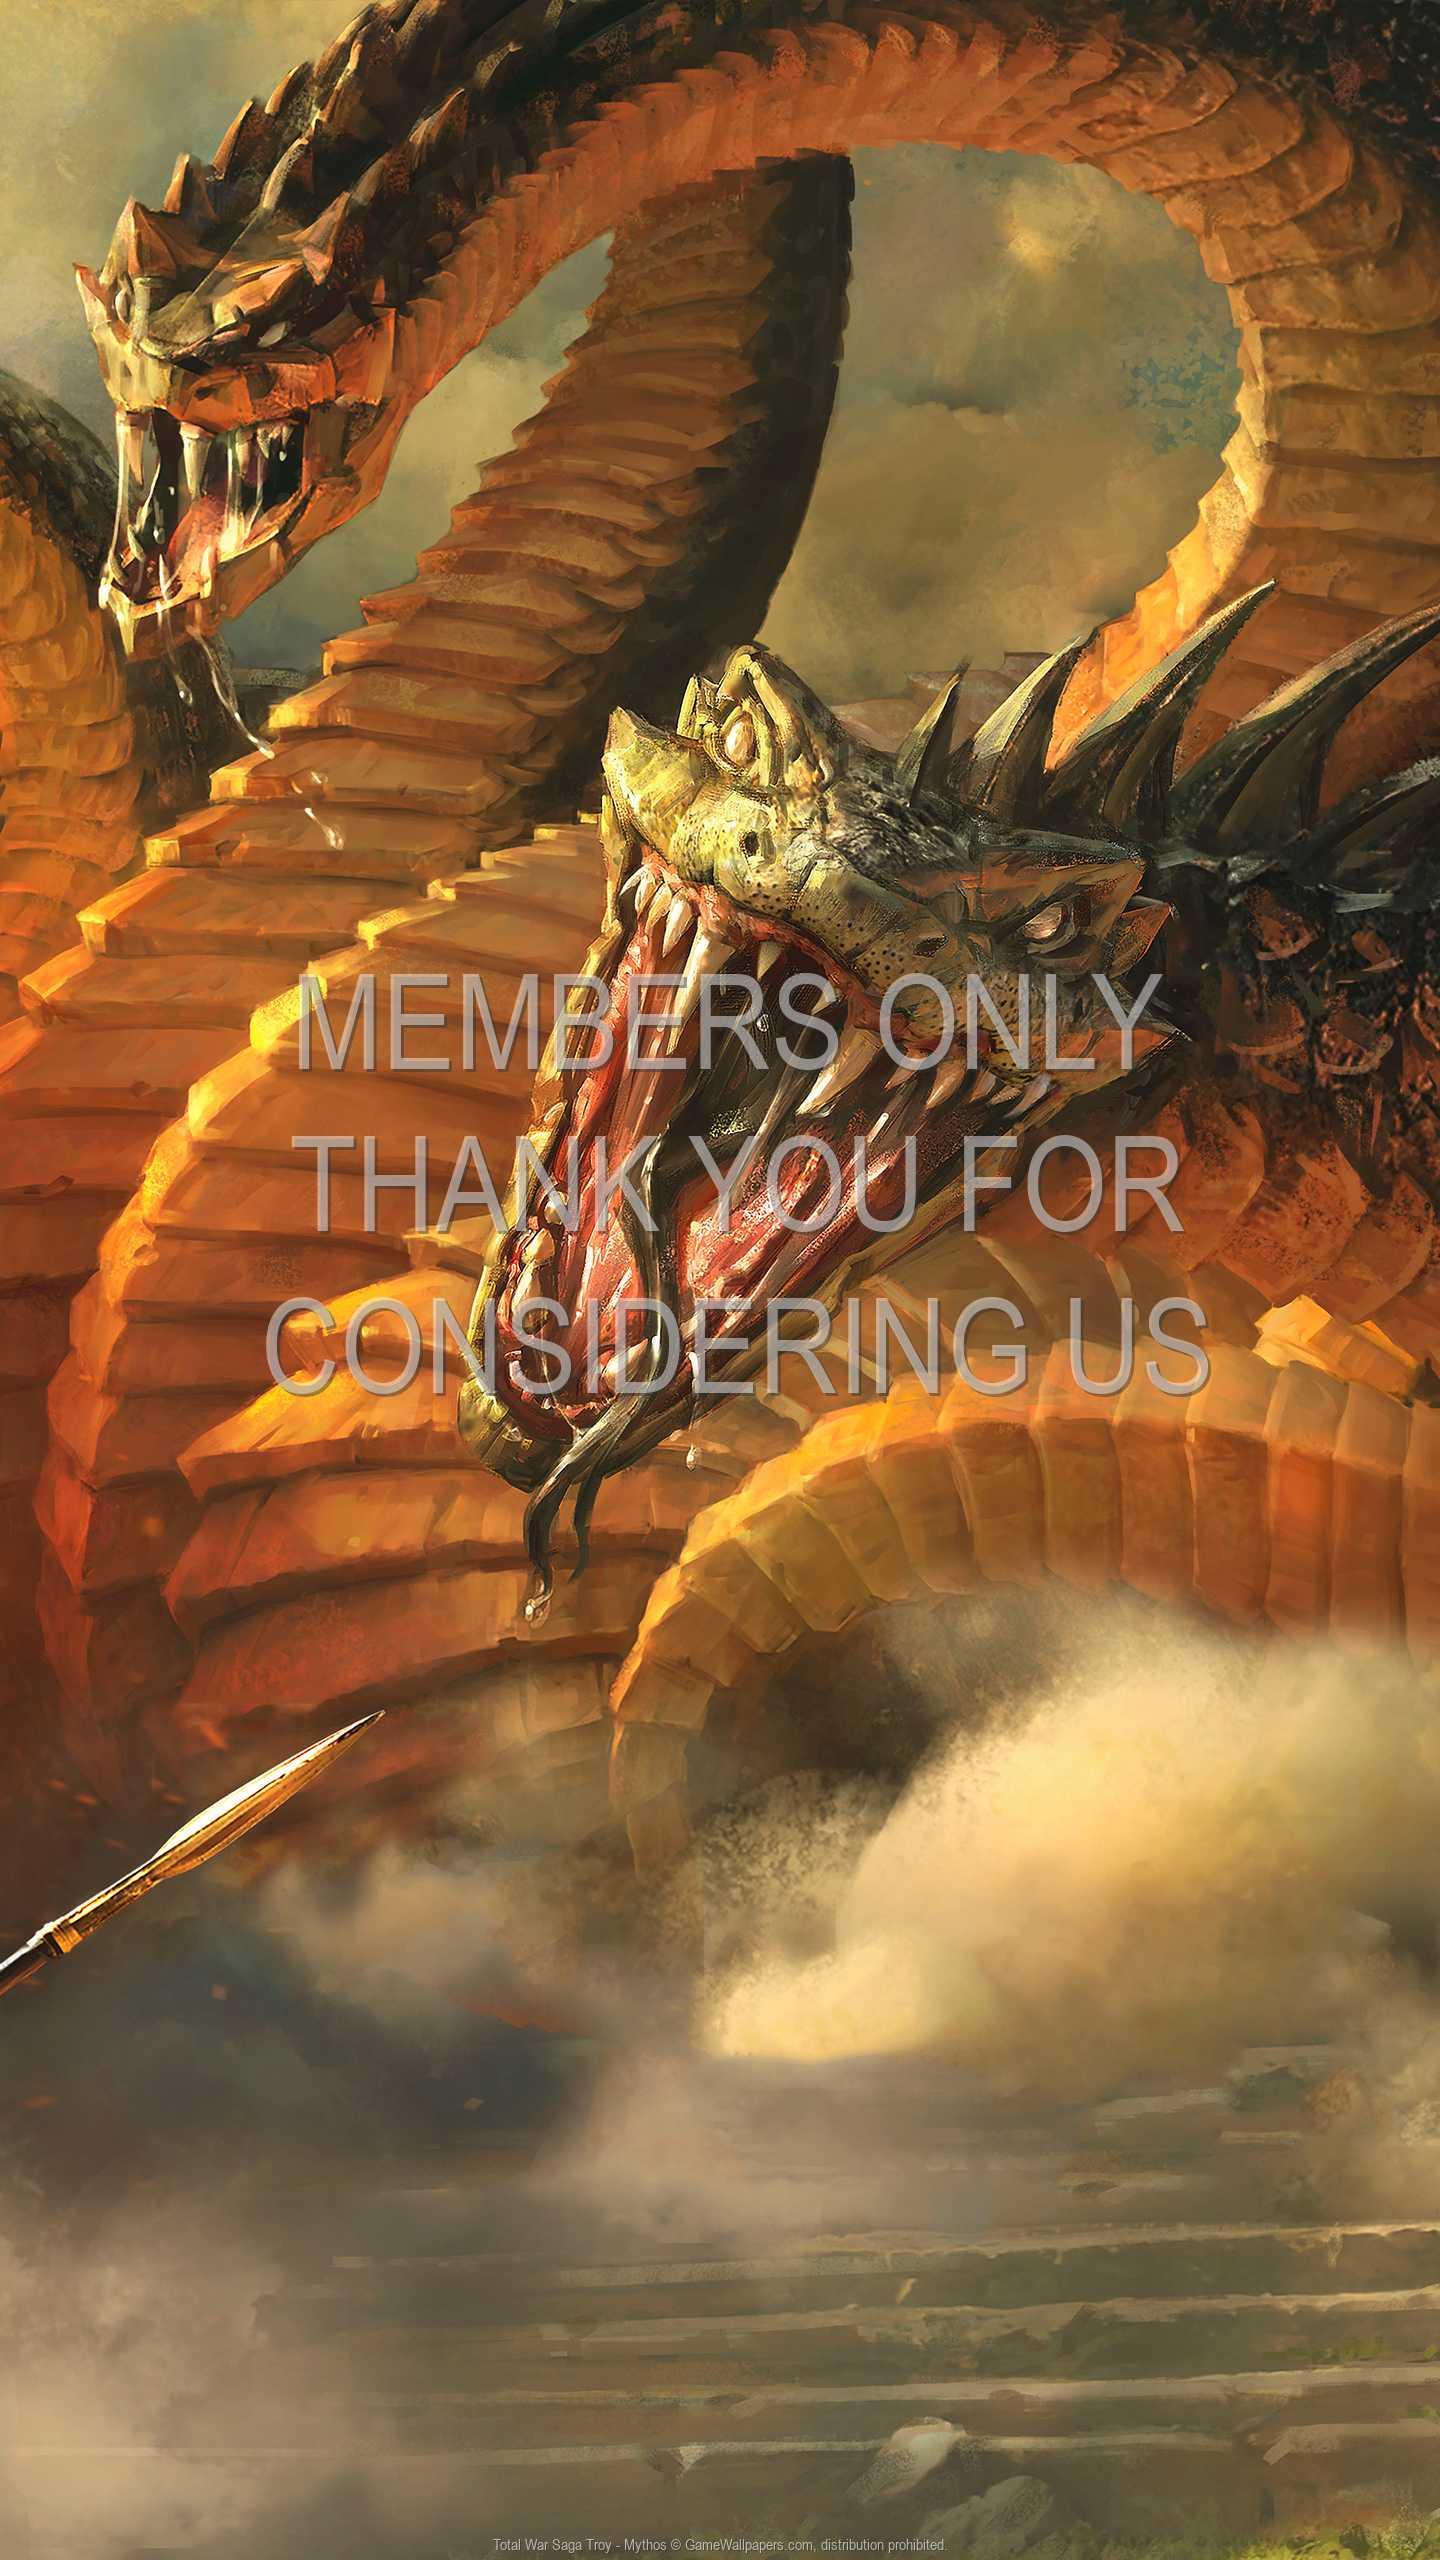 Total War Saga: Troy - Mythos 1440p Vertical Mobile wallpaper or background 01